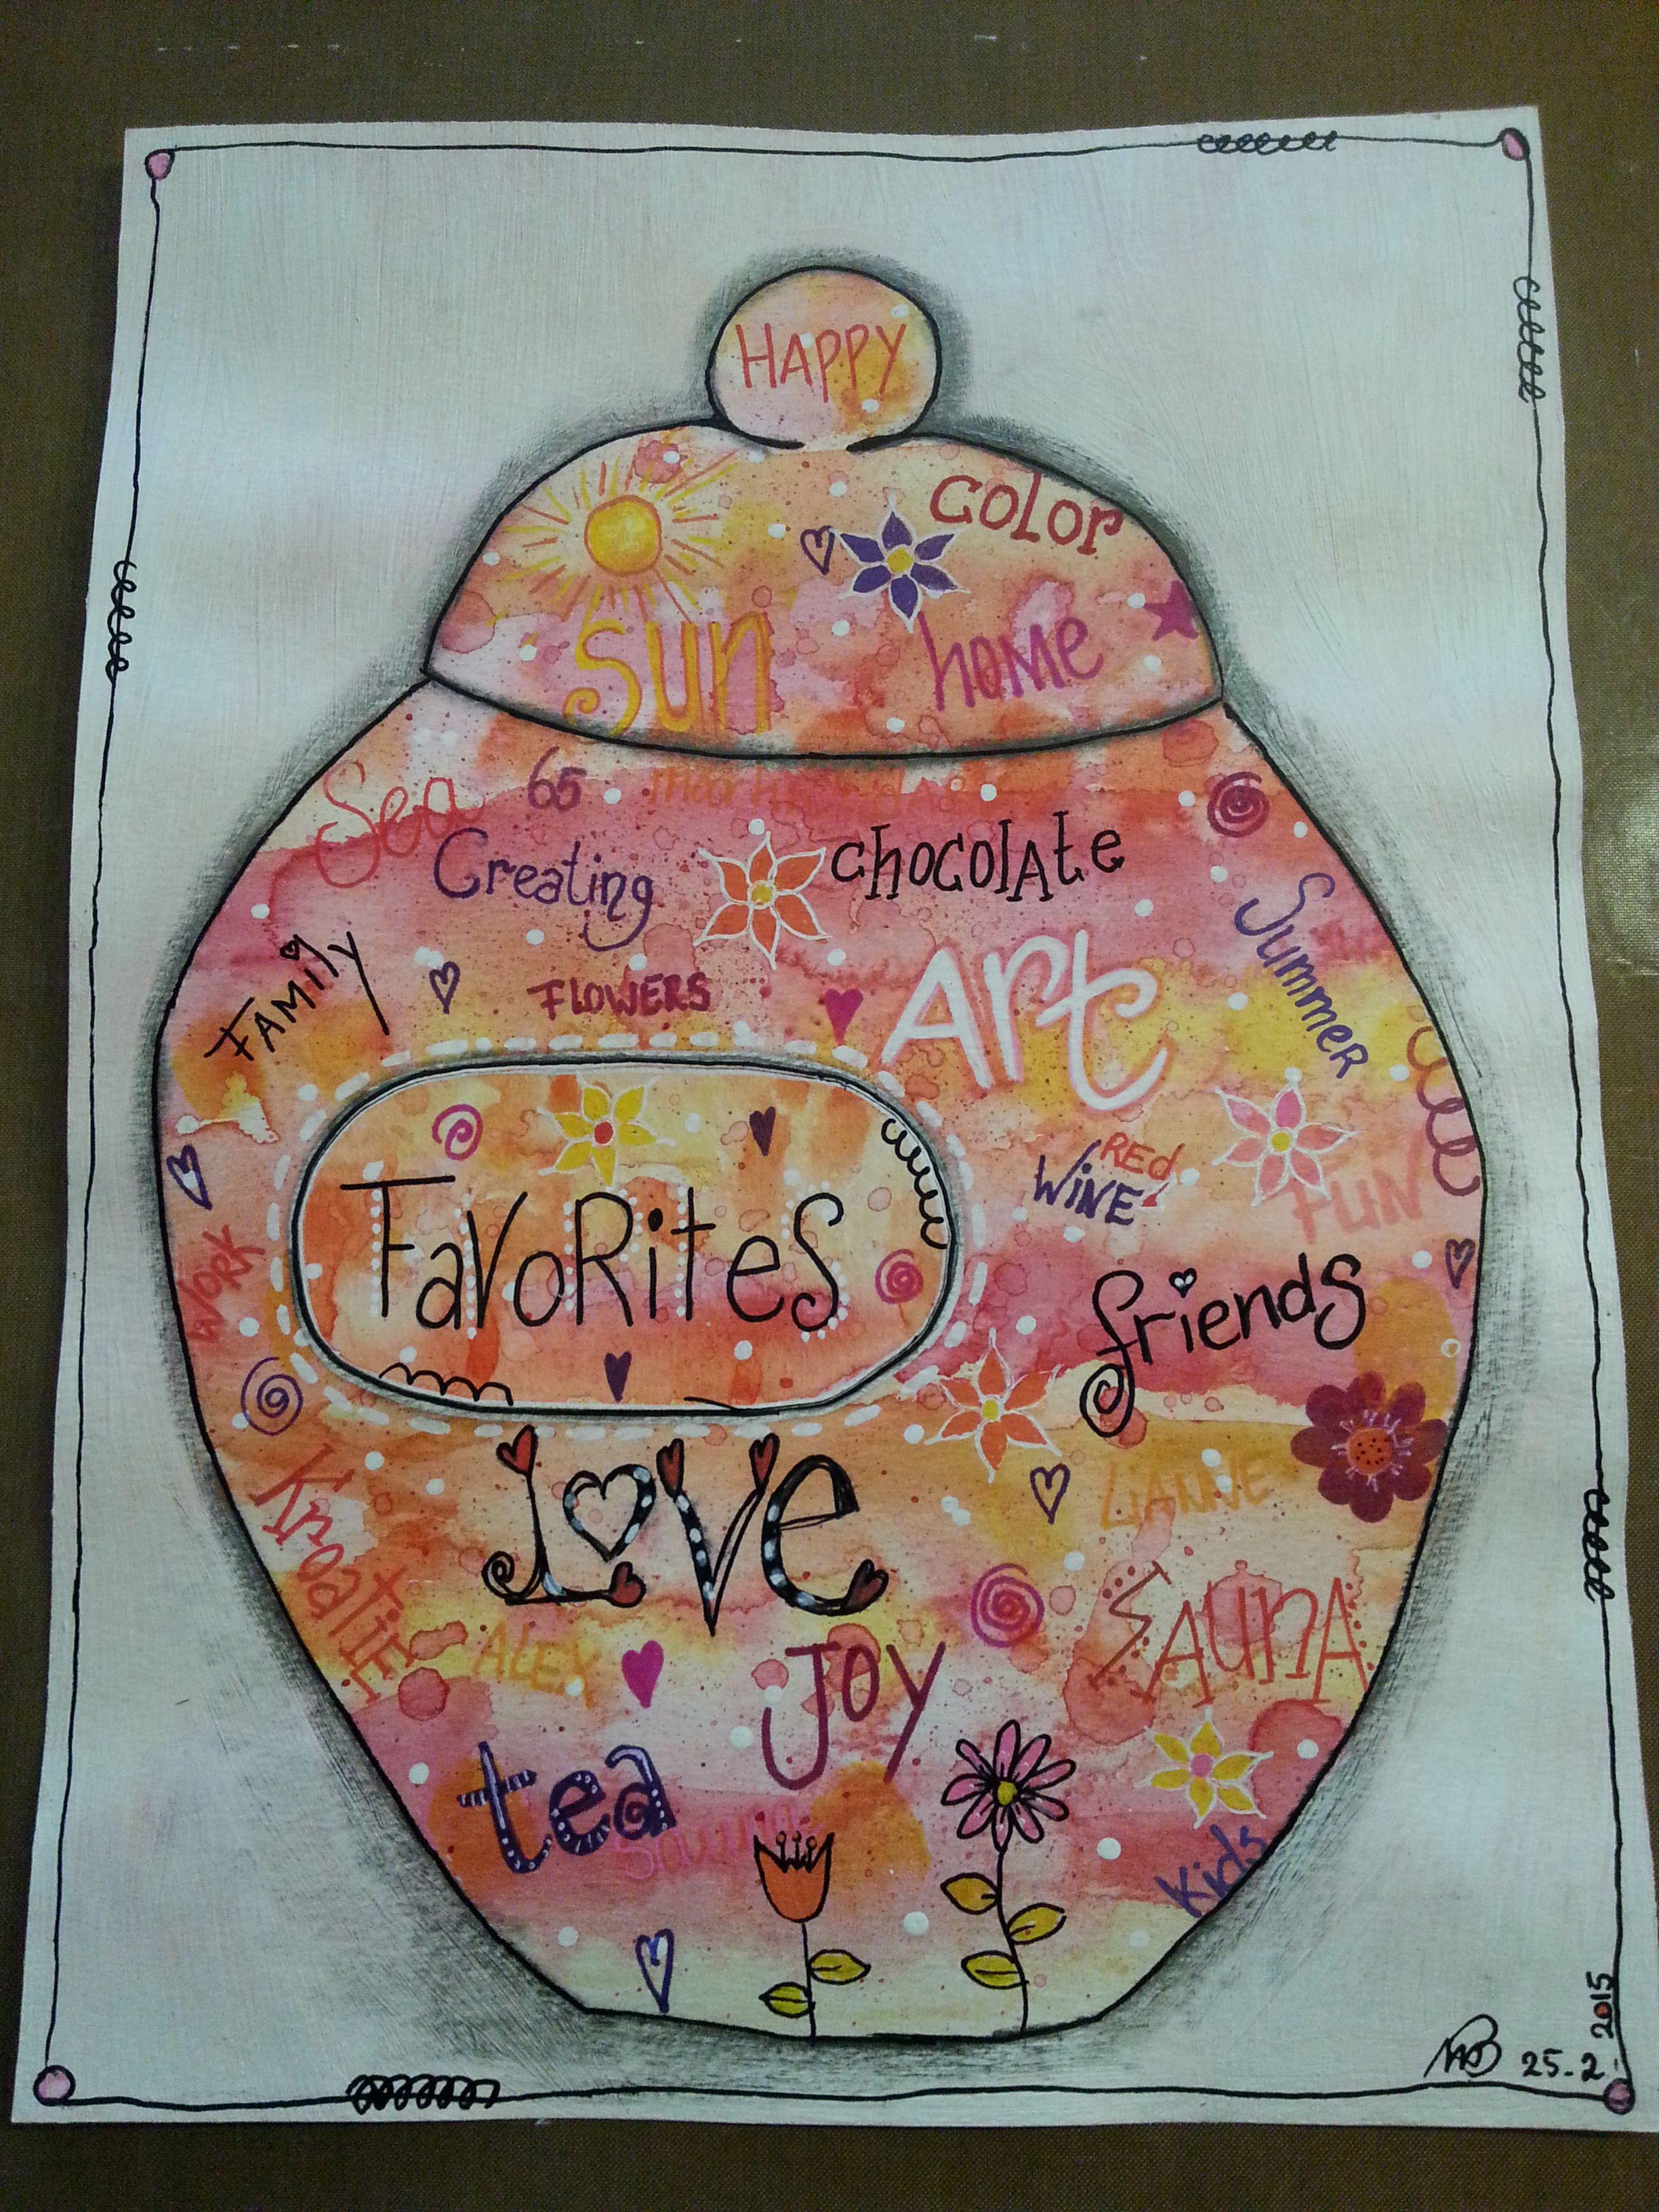 Week 9 Favorite Favorites Jar with Lynn Whipple